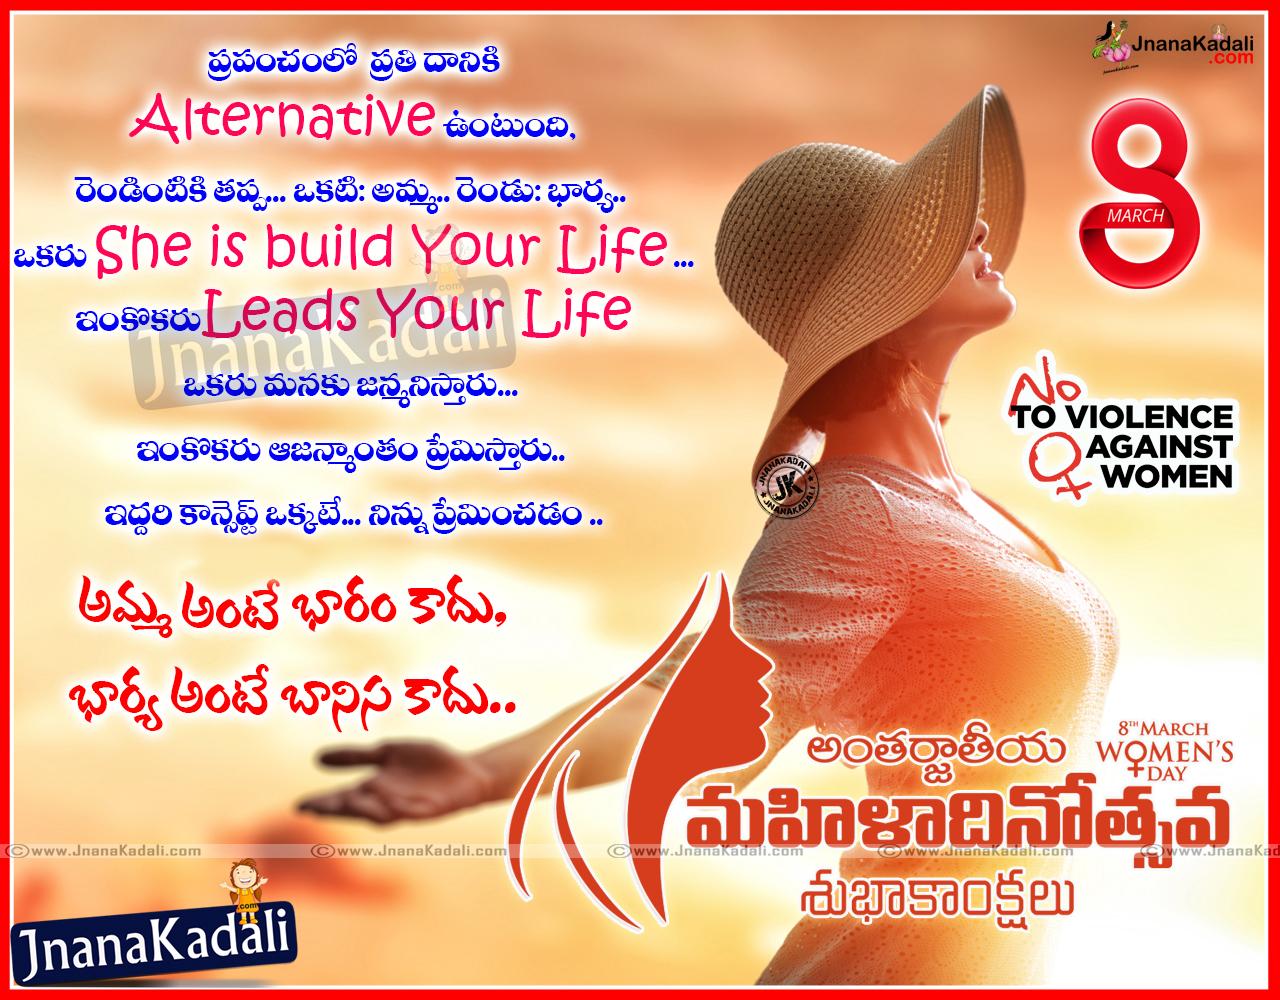 Womens Day Telugu Quotes And Wishes  Jnana Kadalicom -1638